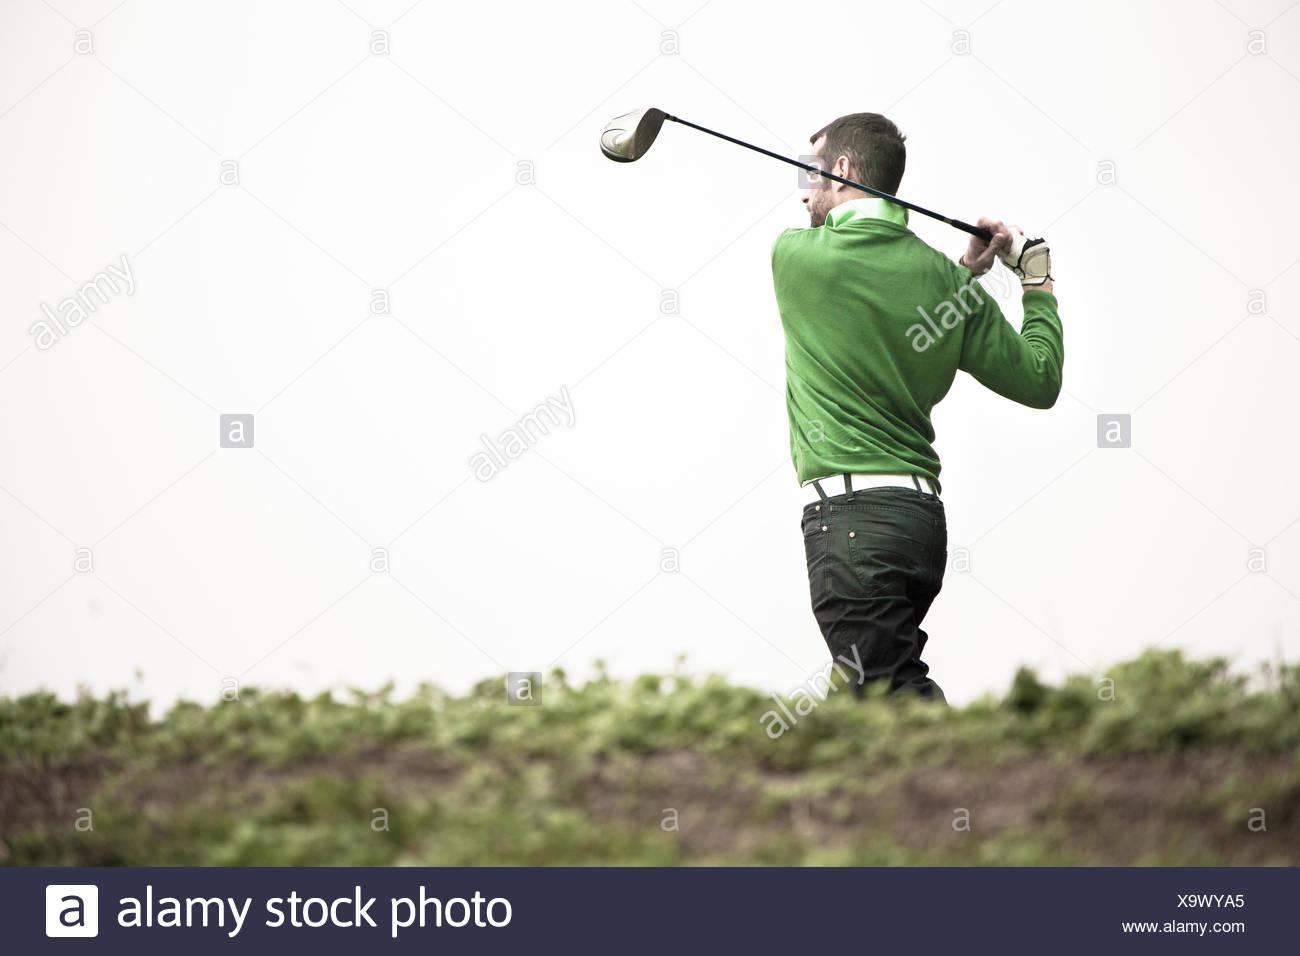 Hombre jugando al golf Imagen De Stock